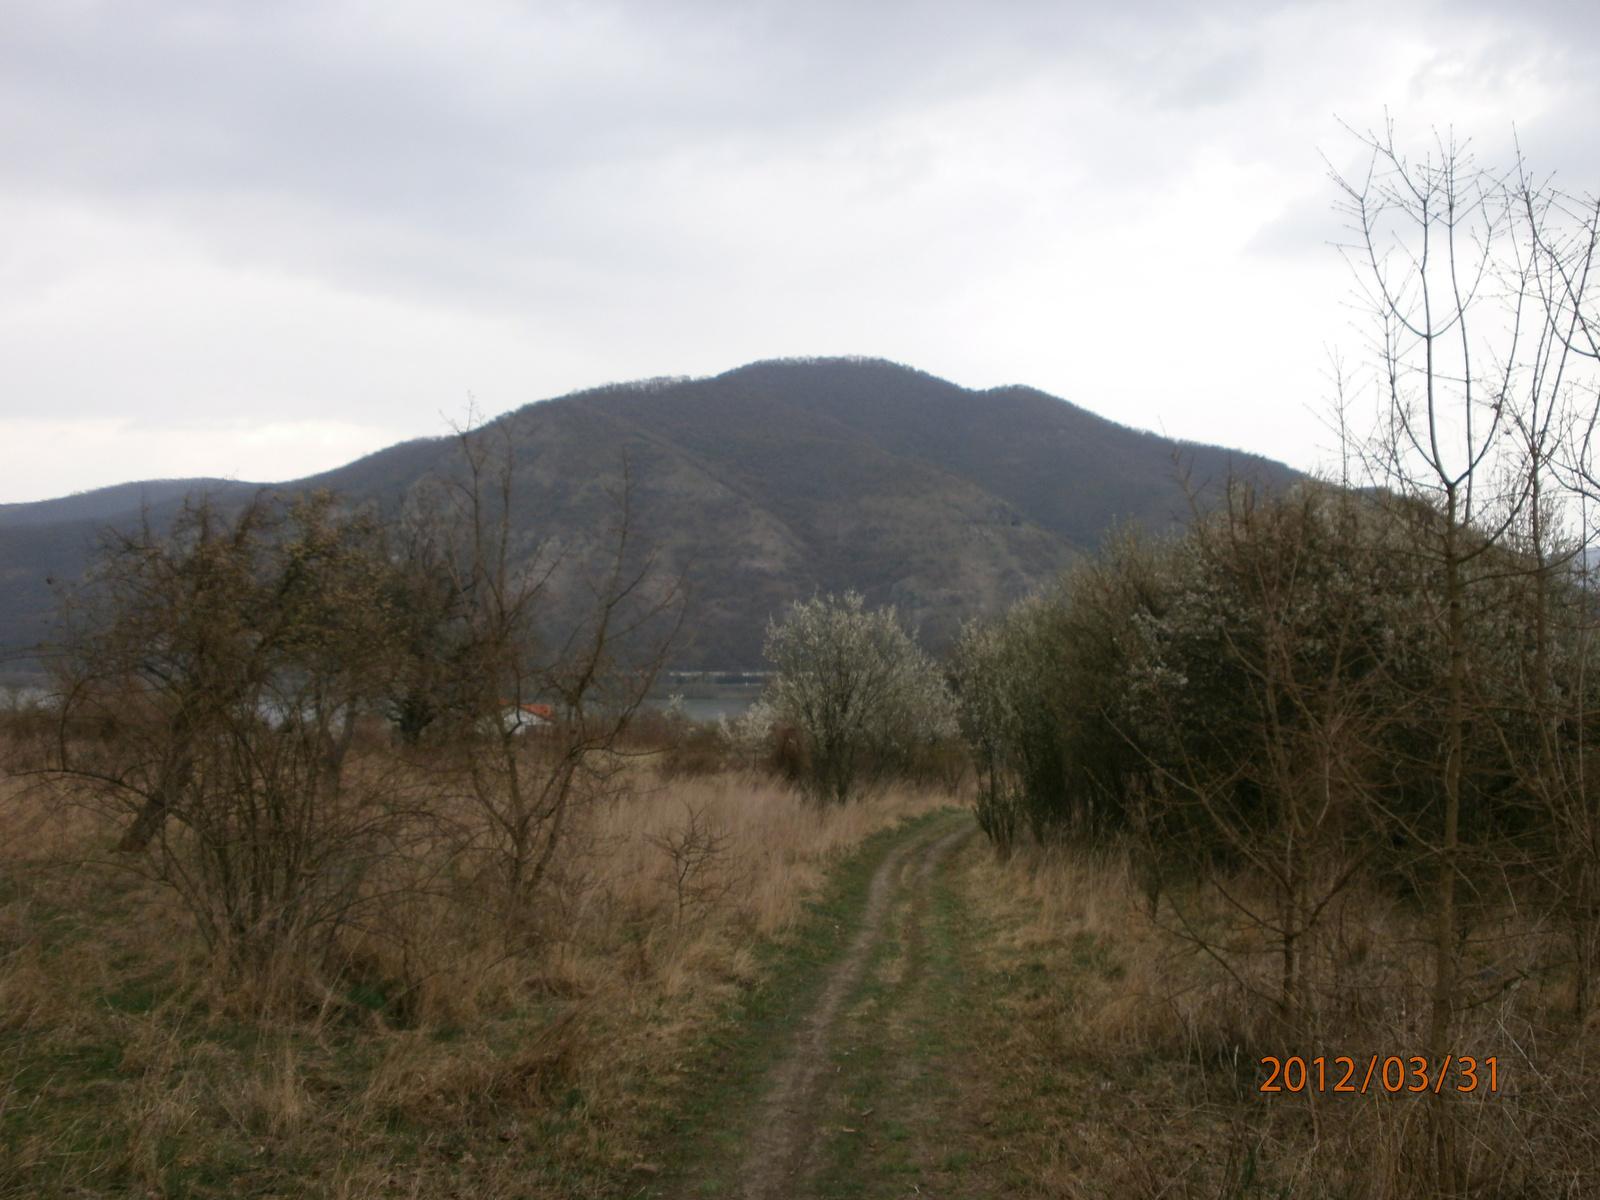 A Szent Mihály-hegy és a Hegyes-tető a Duna túloldalán, Dömös közelében. Fotó: Kőrössy Tamás